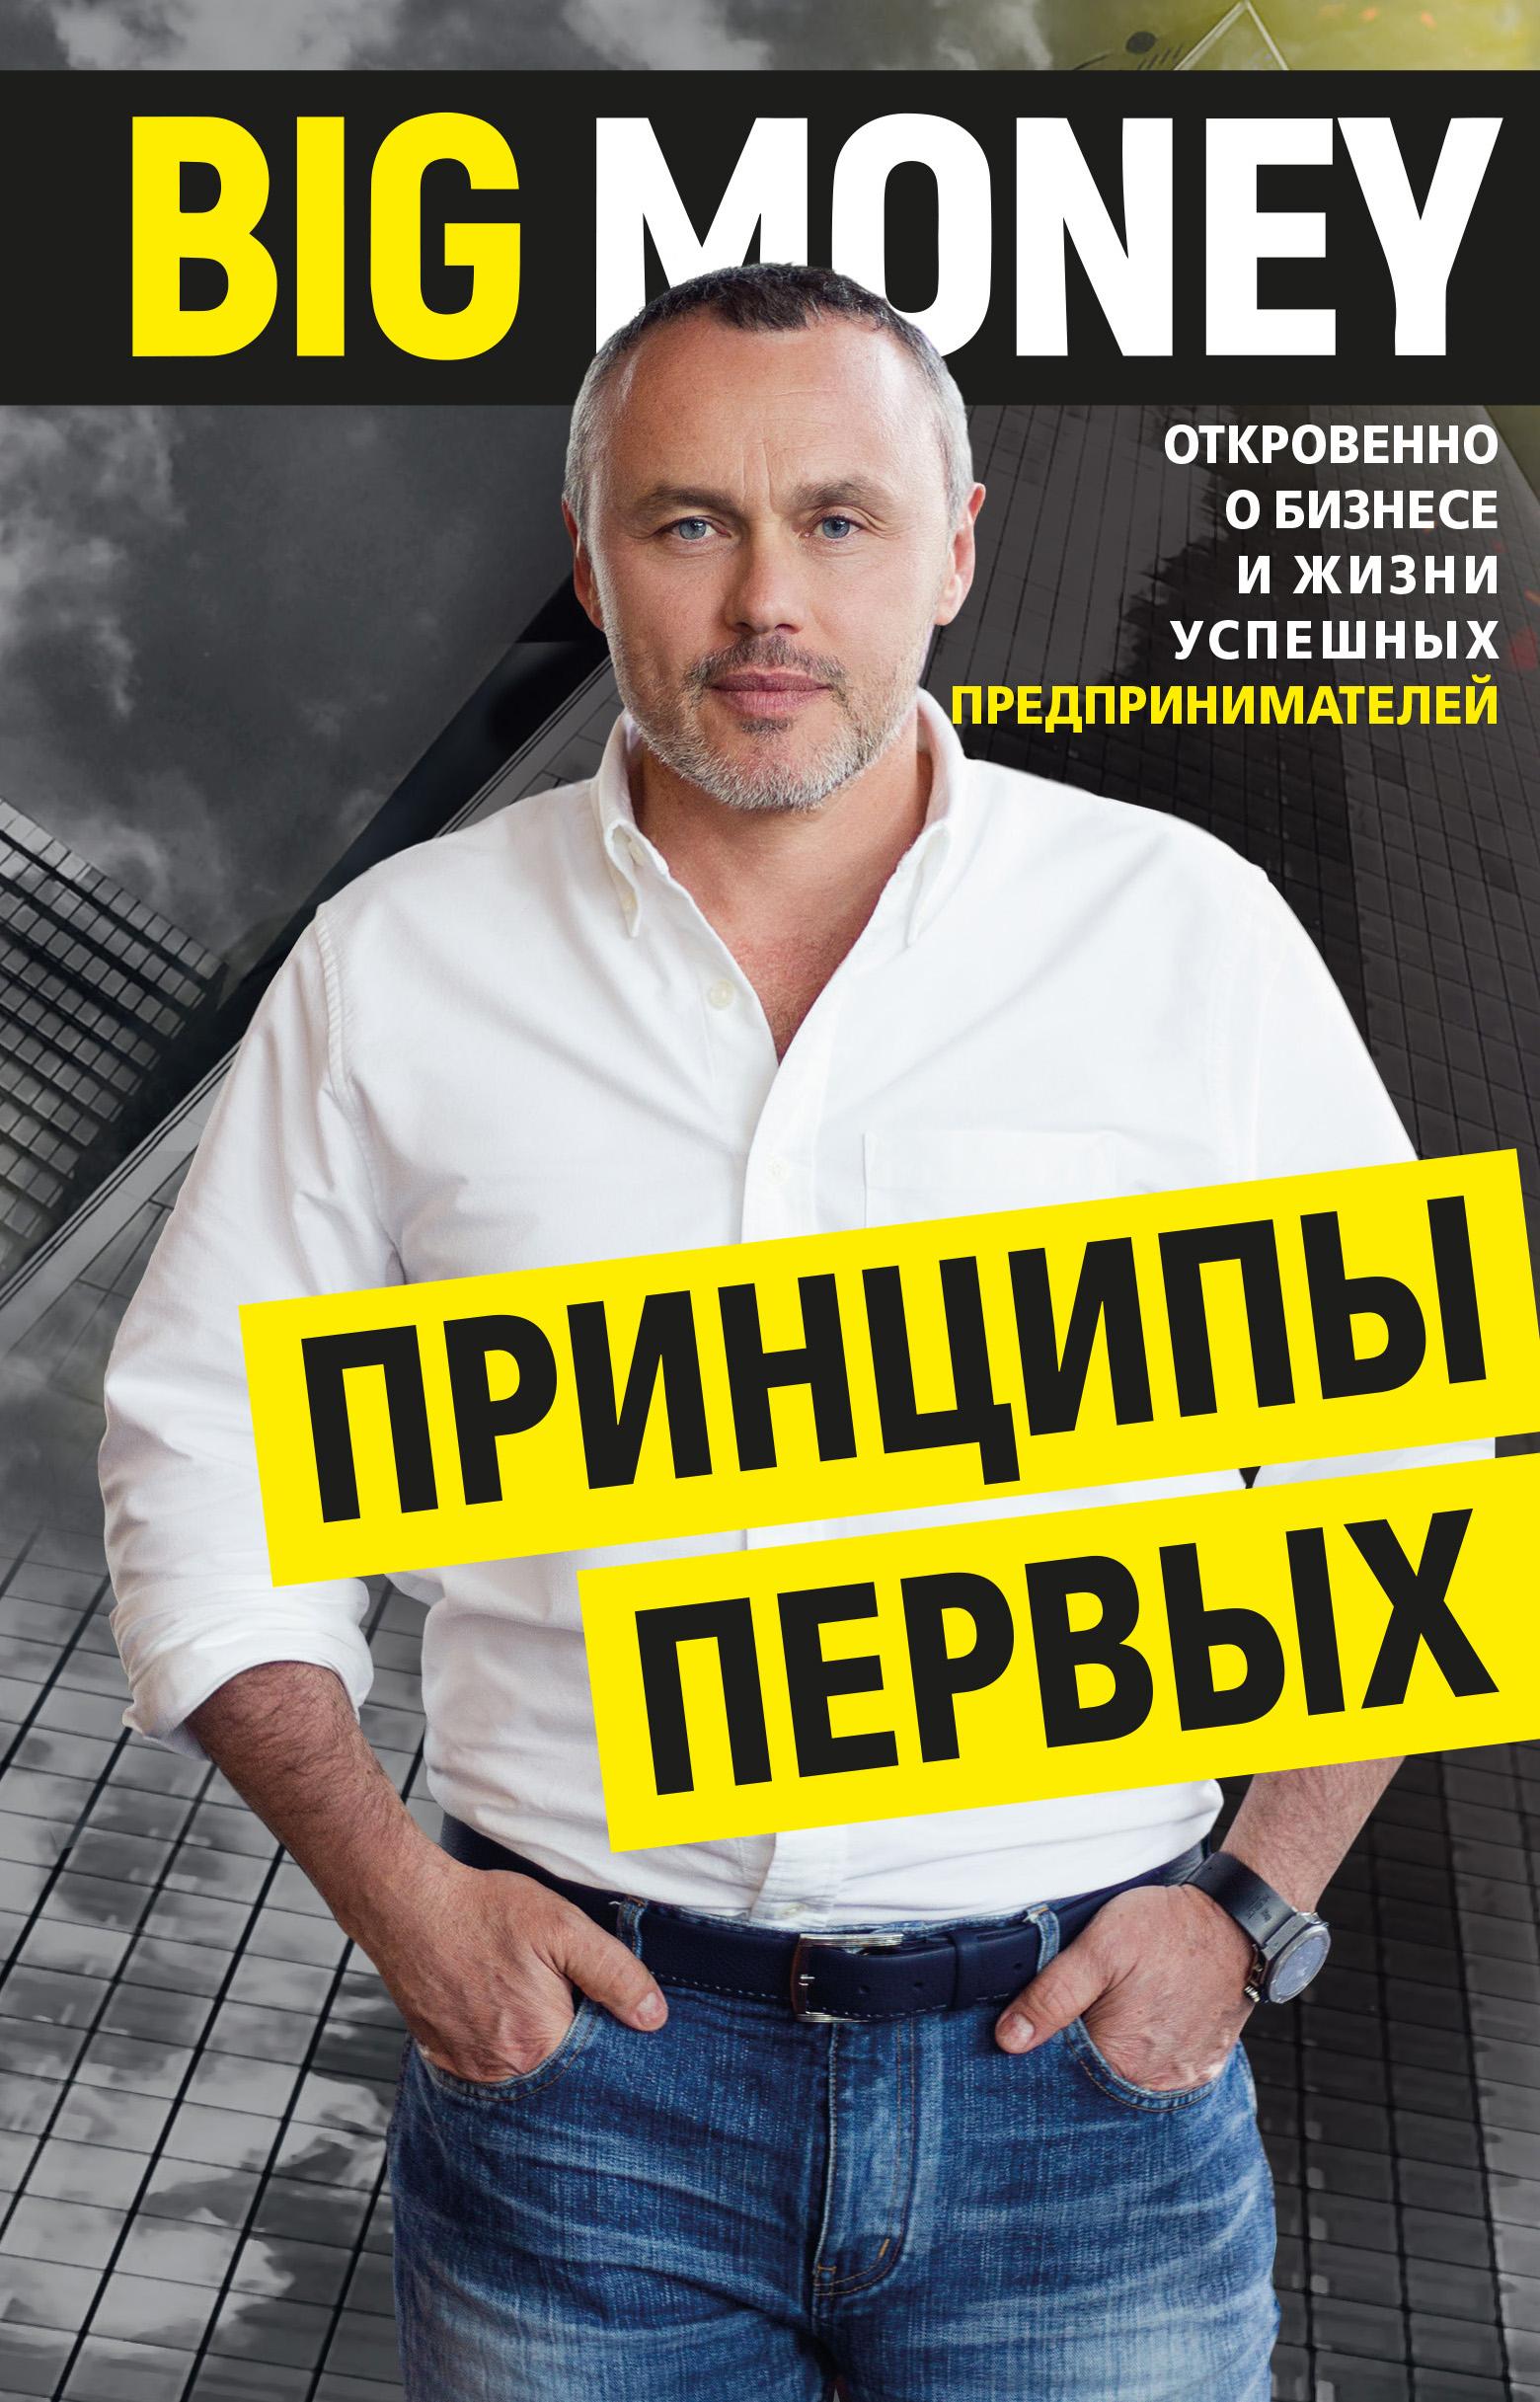 Книга «Big money. Принципы первых» Евгений Черняк купить в Киеве, Украине | цены, отзывы в интернет-магазине Book24